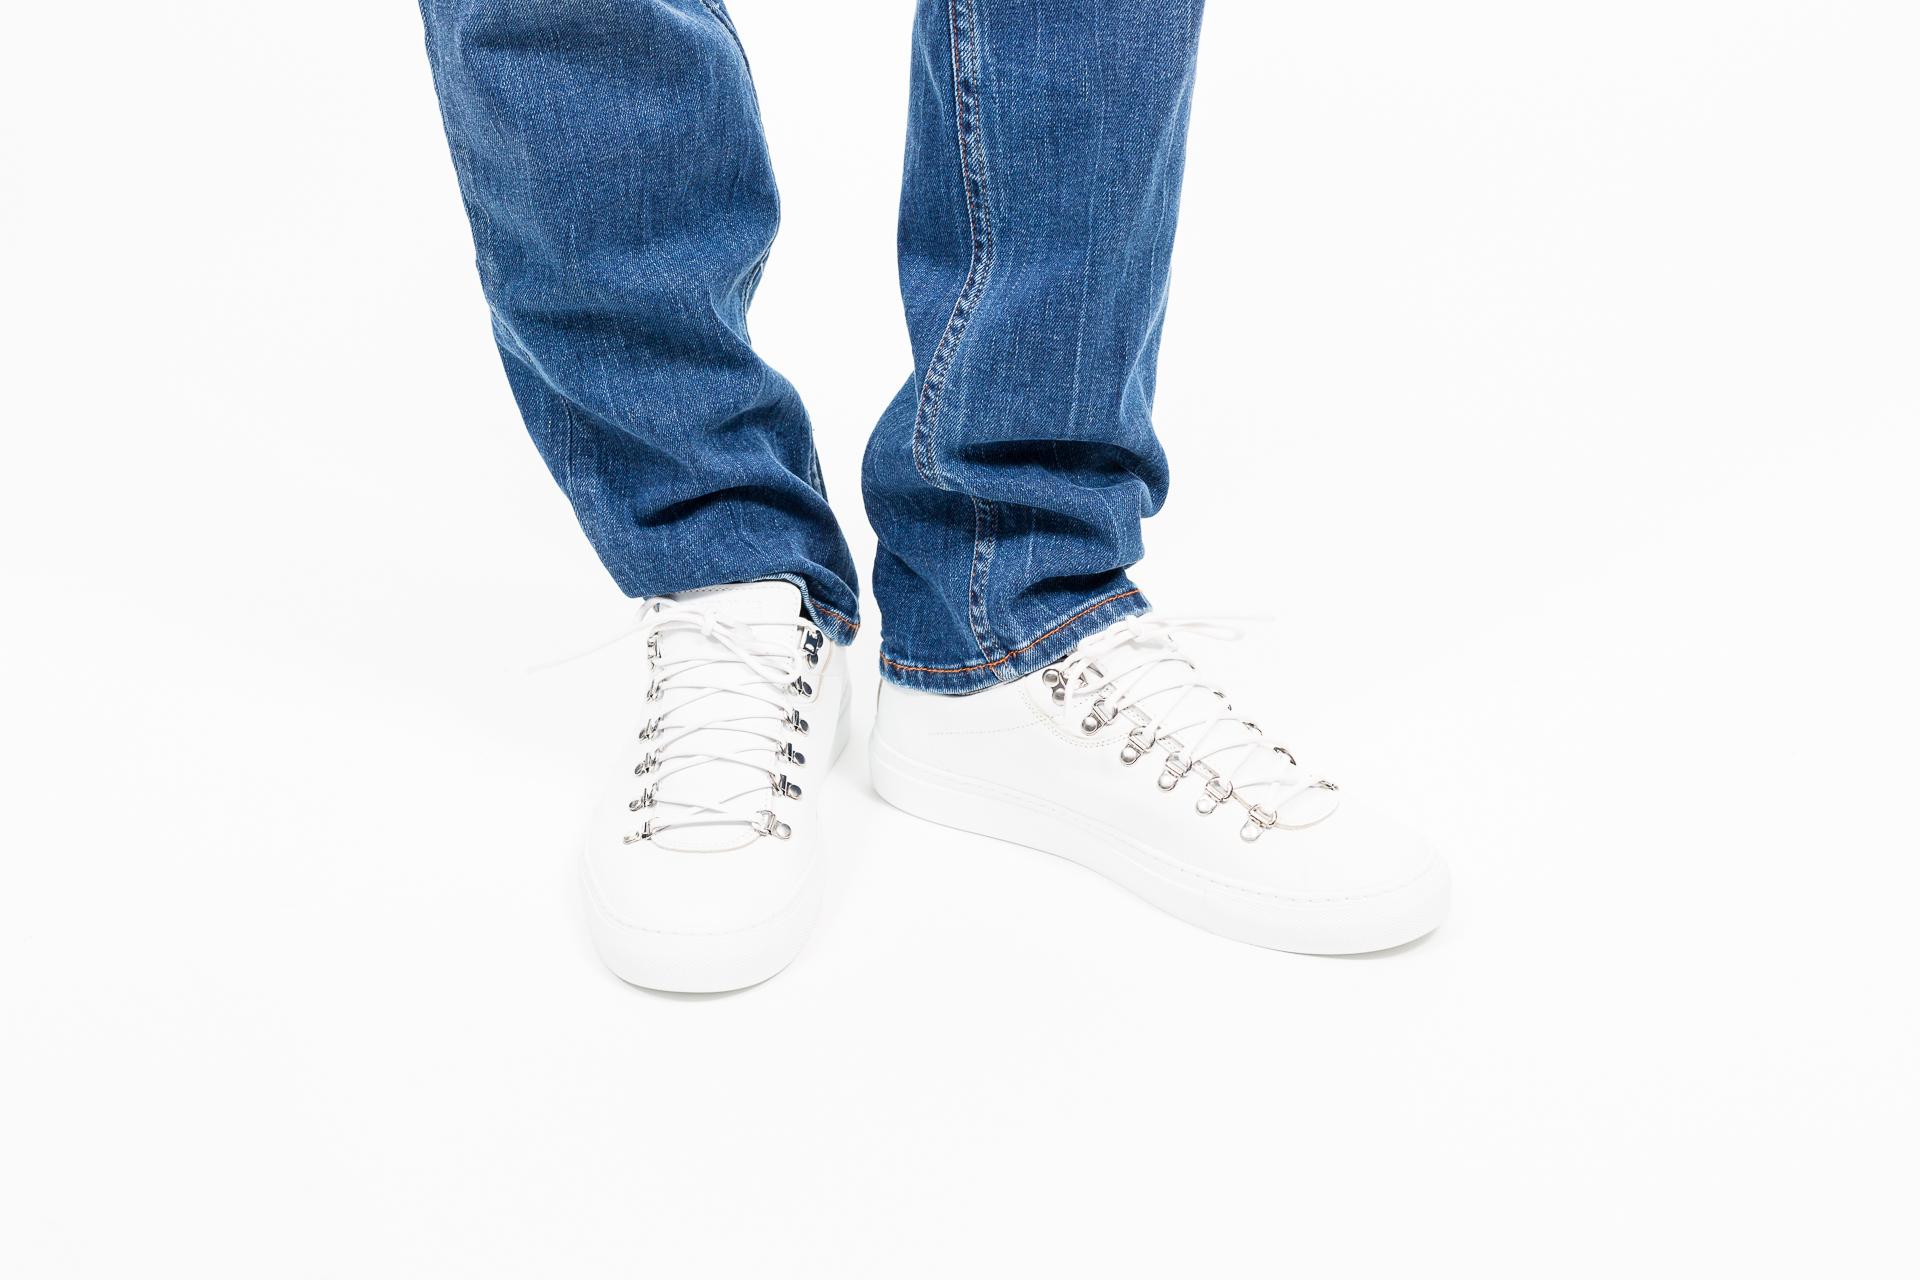 Diemme - Herren Sneaker mit Ösenschnürung weiß   Schuhe   Herrenmode ... 61cae19244